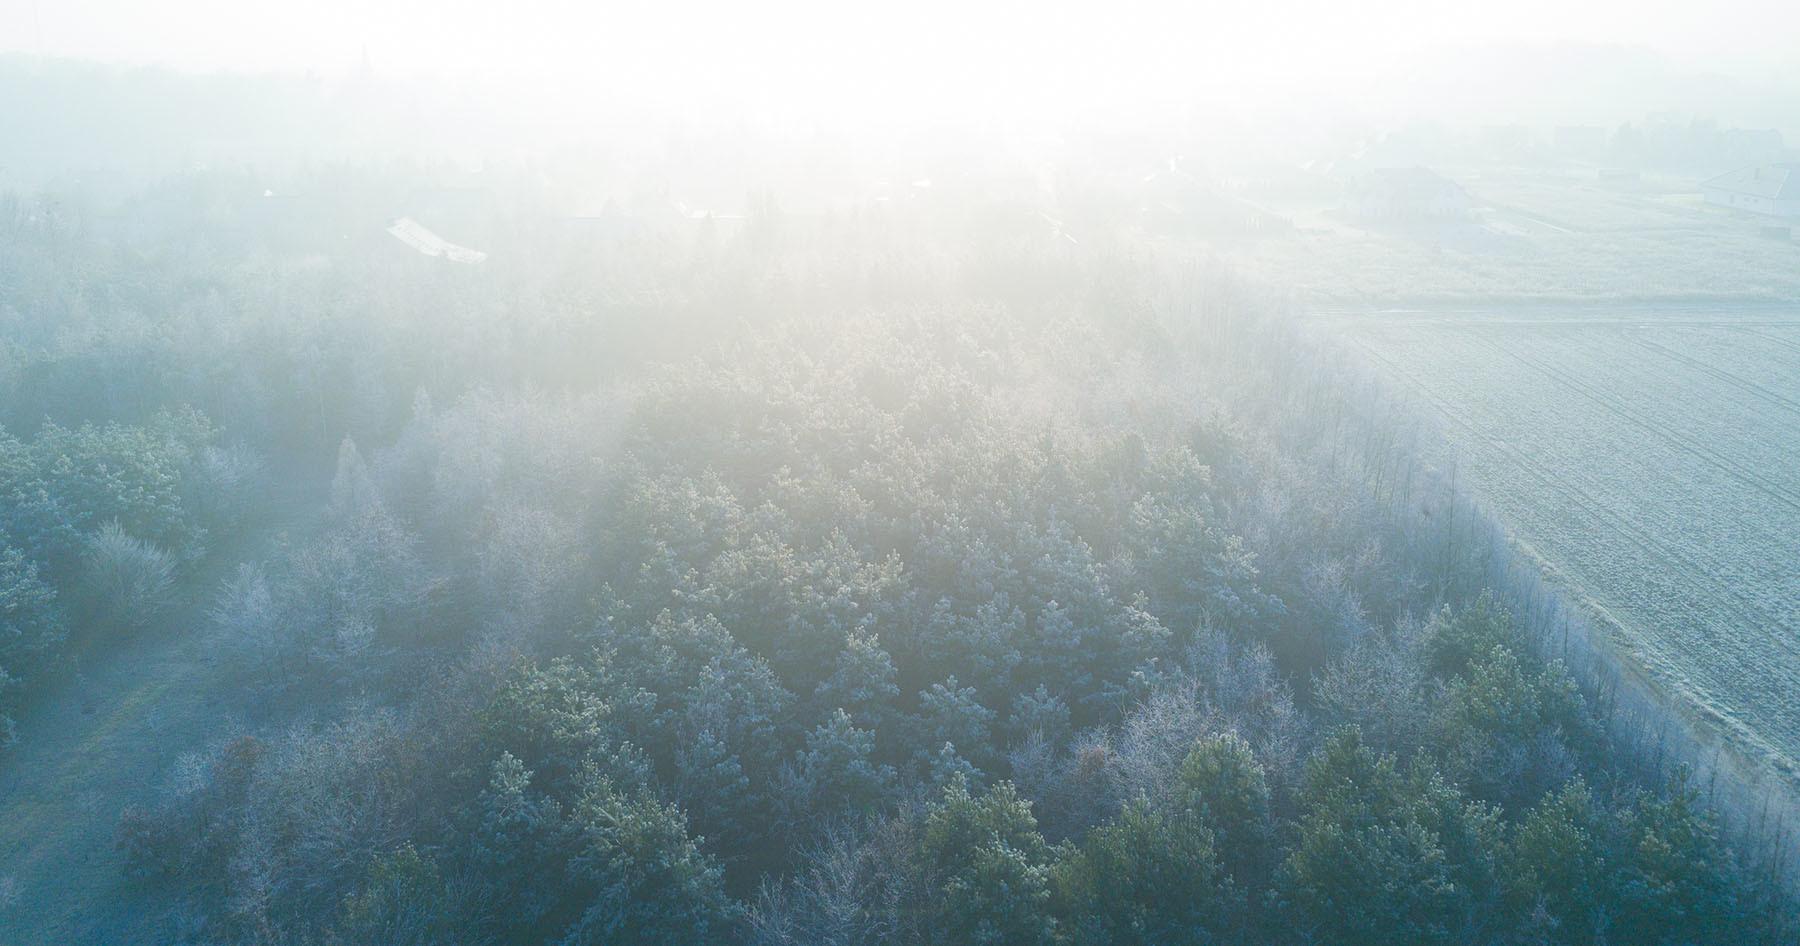 Zimowy słoneczny poranek w okolicach Wrocławia.